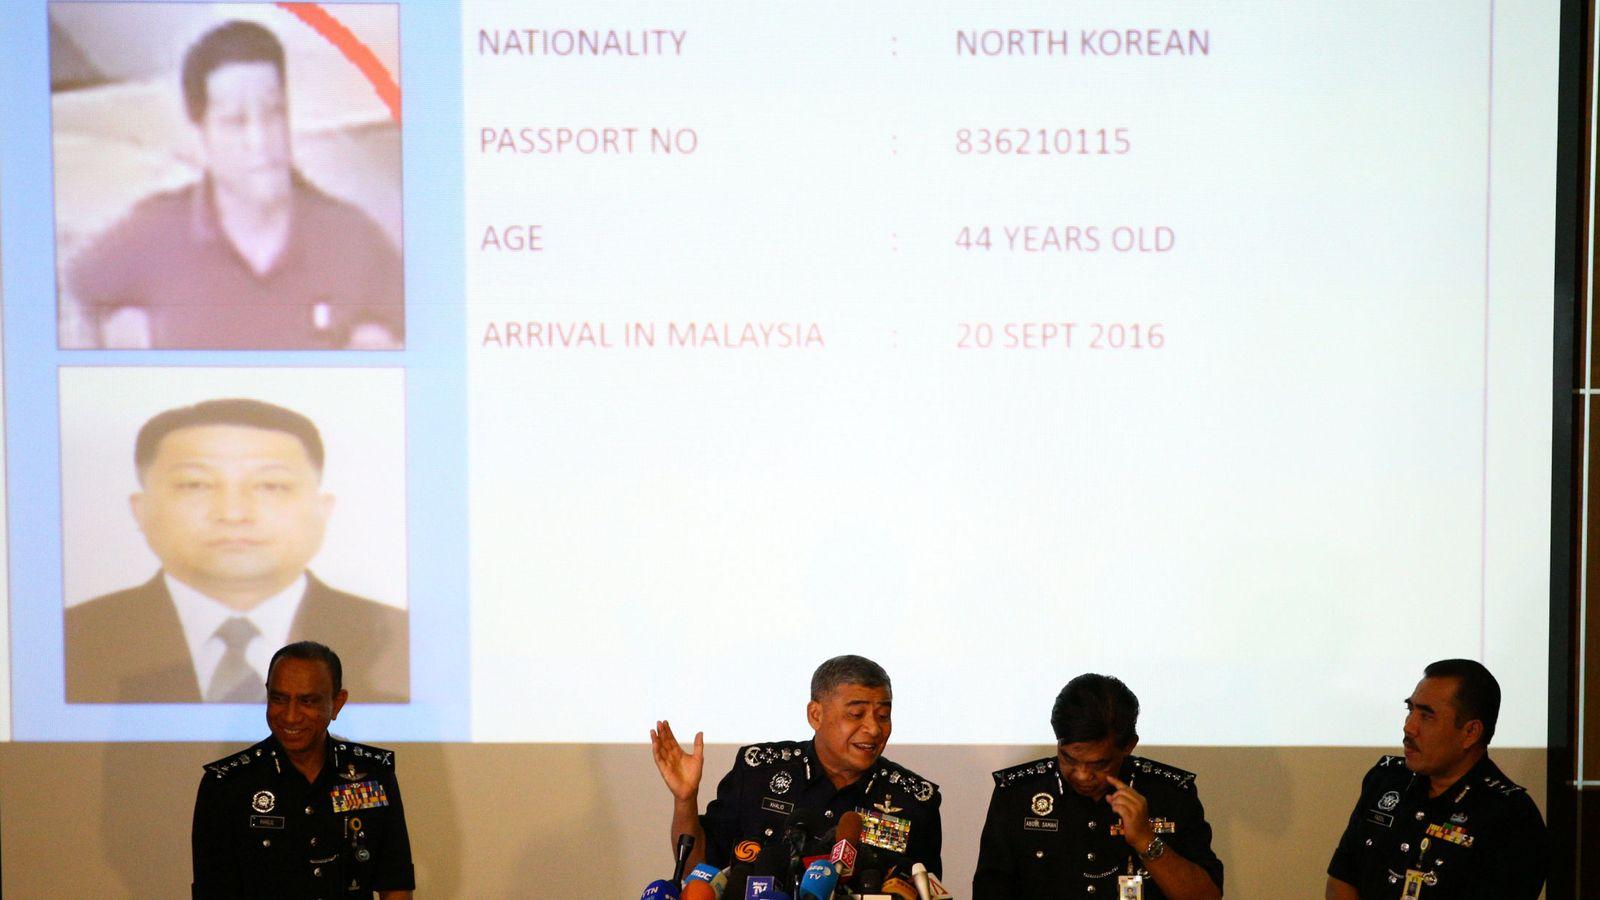 Foto: El jefe de policía Khalid Abu Bakar identifica a los dos sospechosos norcoreanos durante una rueda de prensa (Reuters)